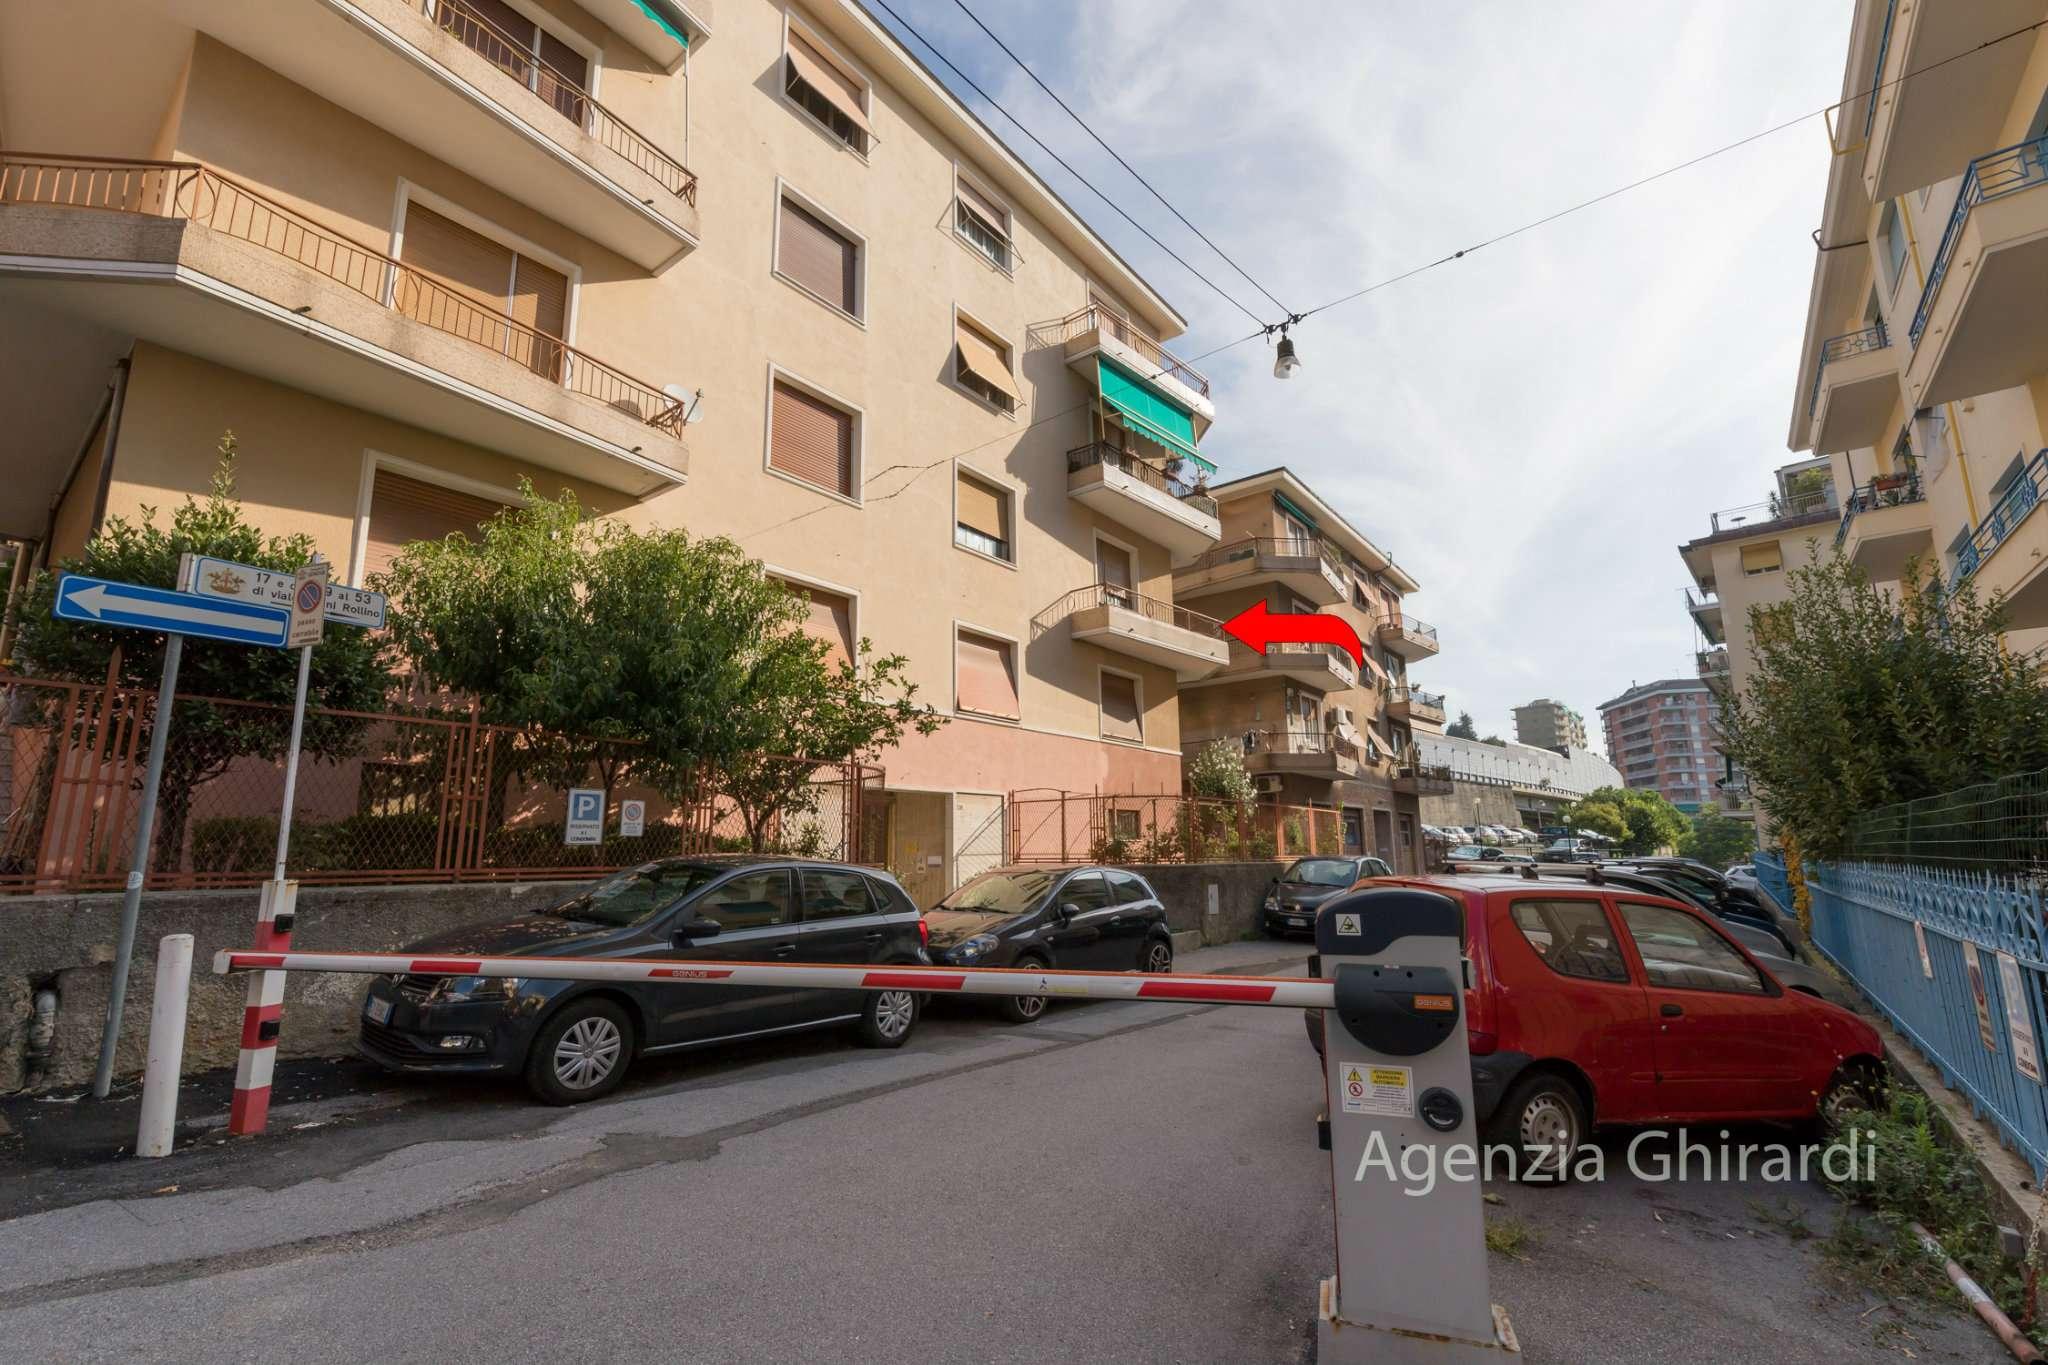 Foto 1 di Quadrilocale viale Villini Rollino 53, Genova (zona Sestri Ponente)